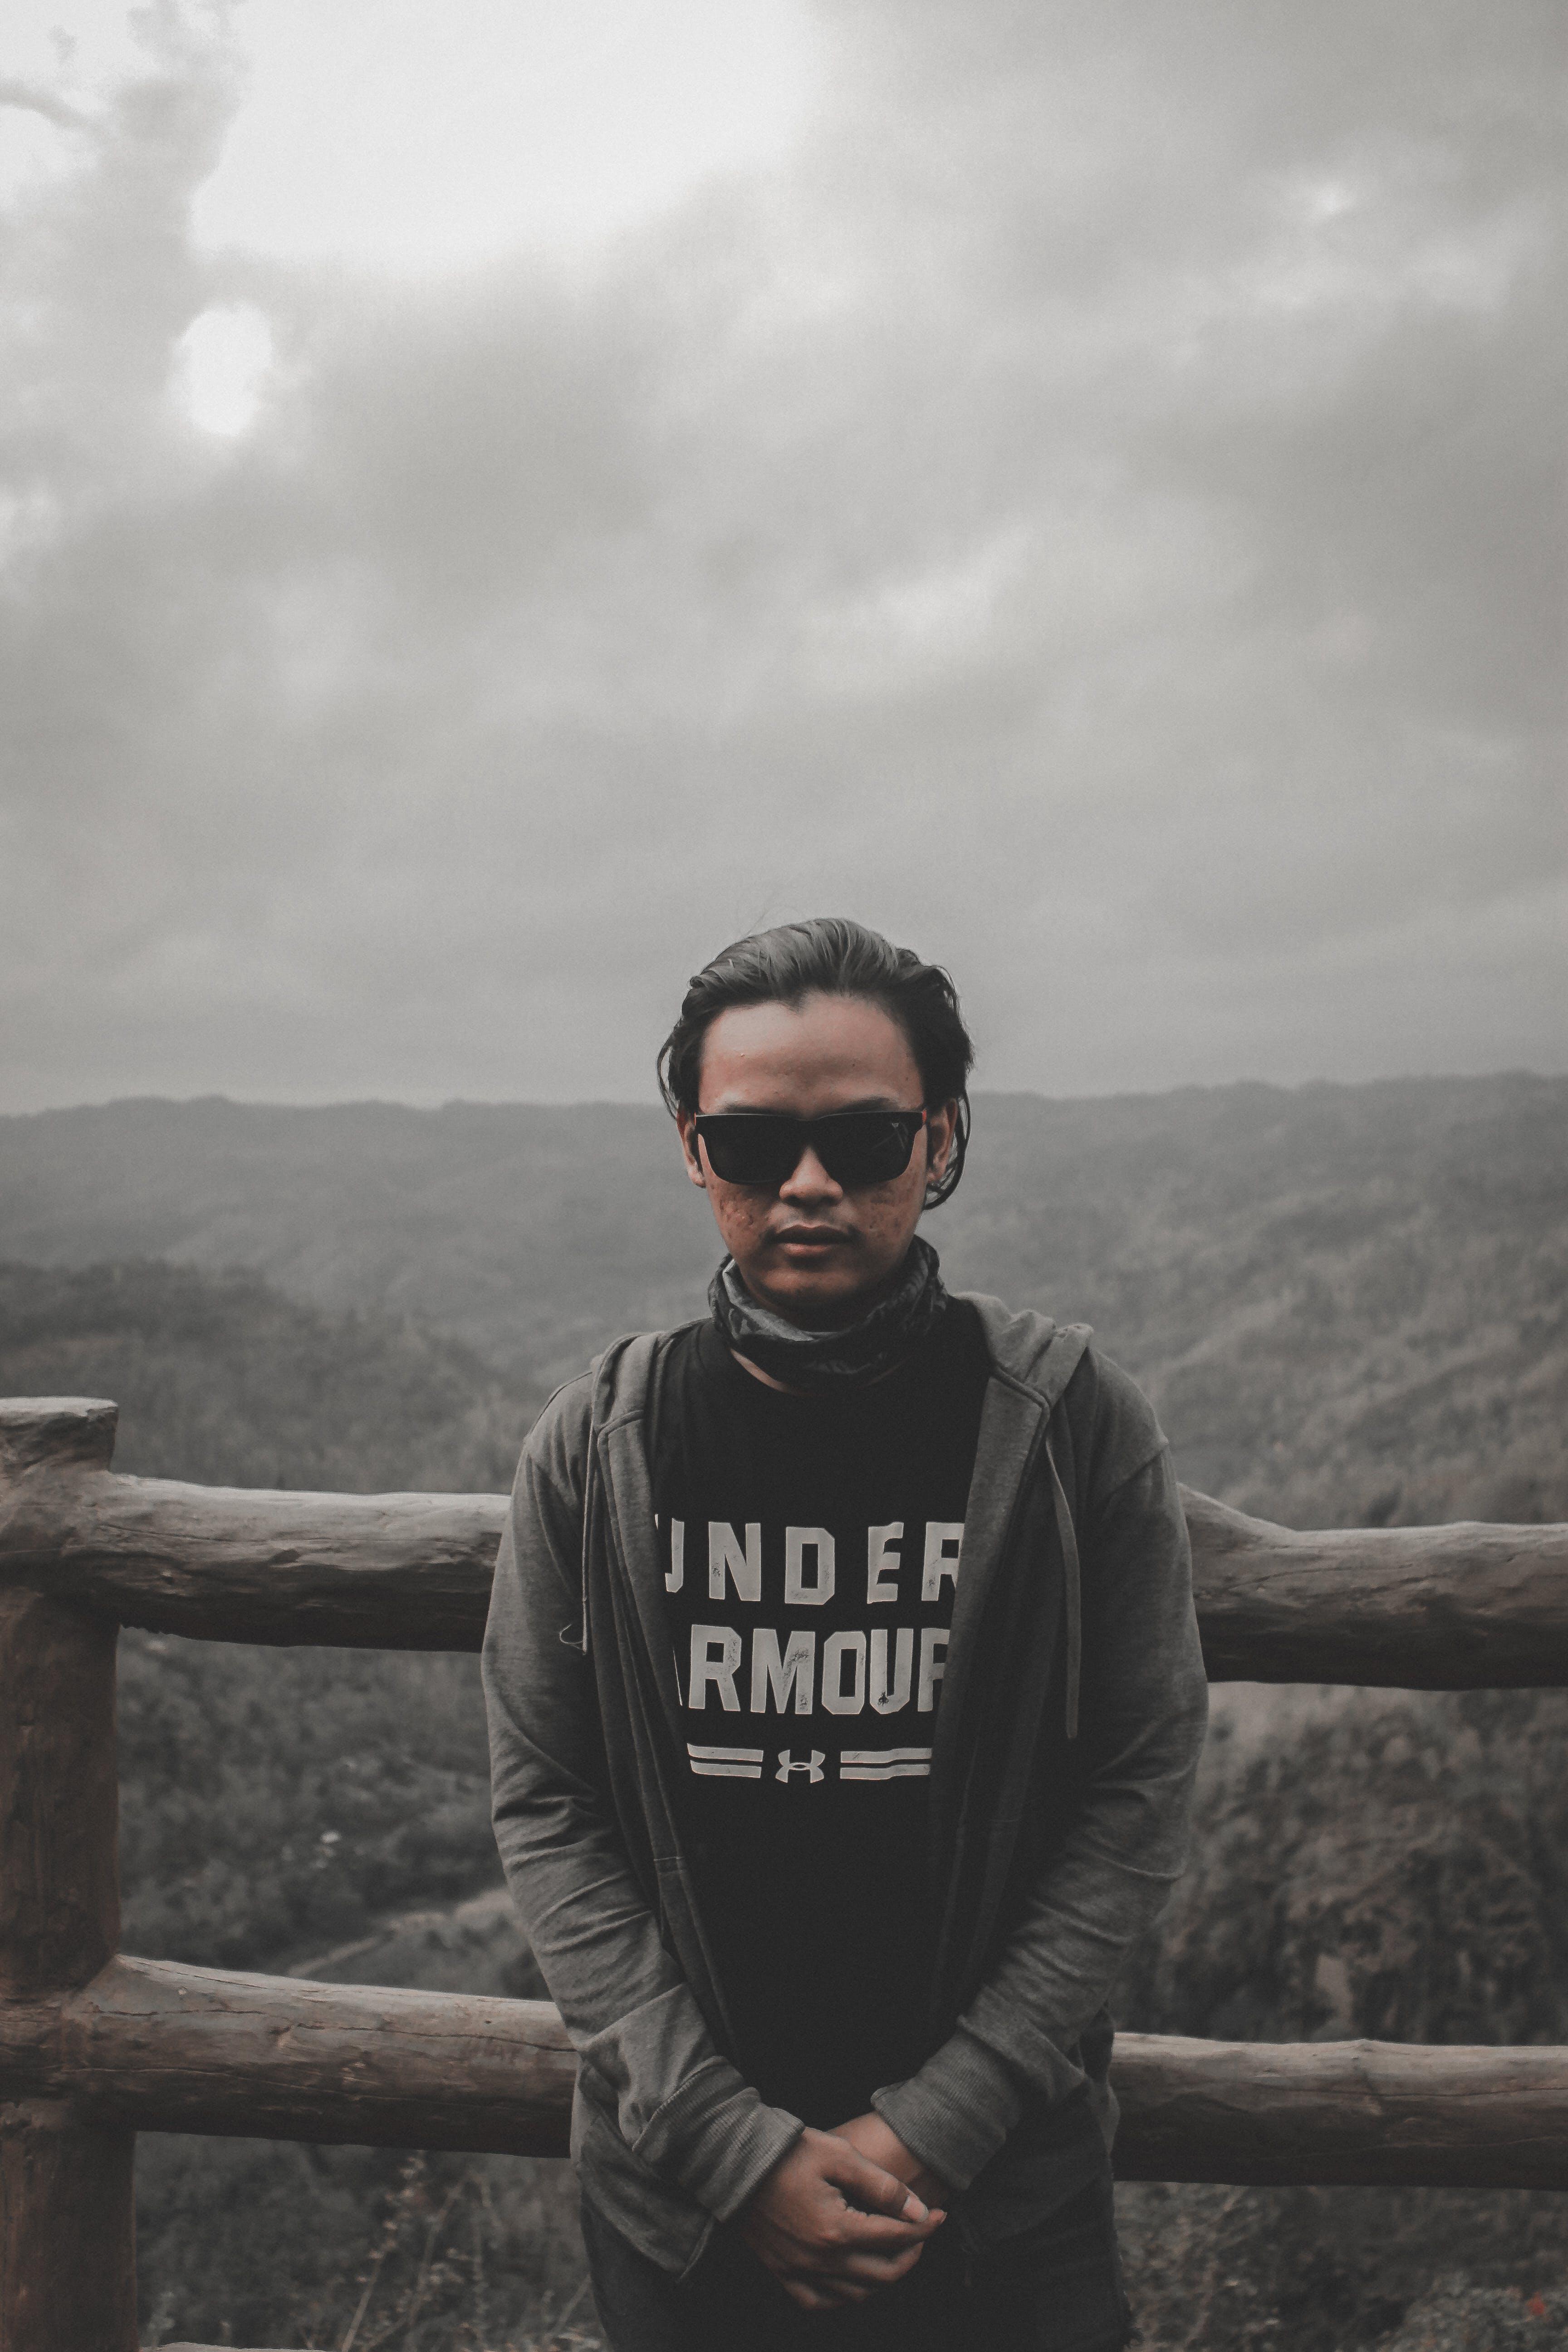 Man in Black Top and Grey Hoodie Jacket Standing Beside Brown Wooden